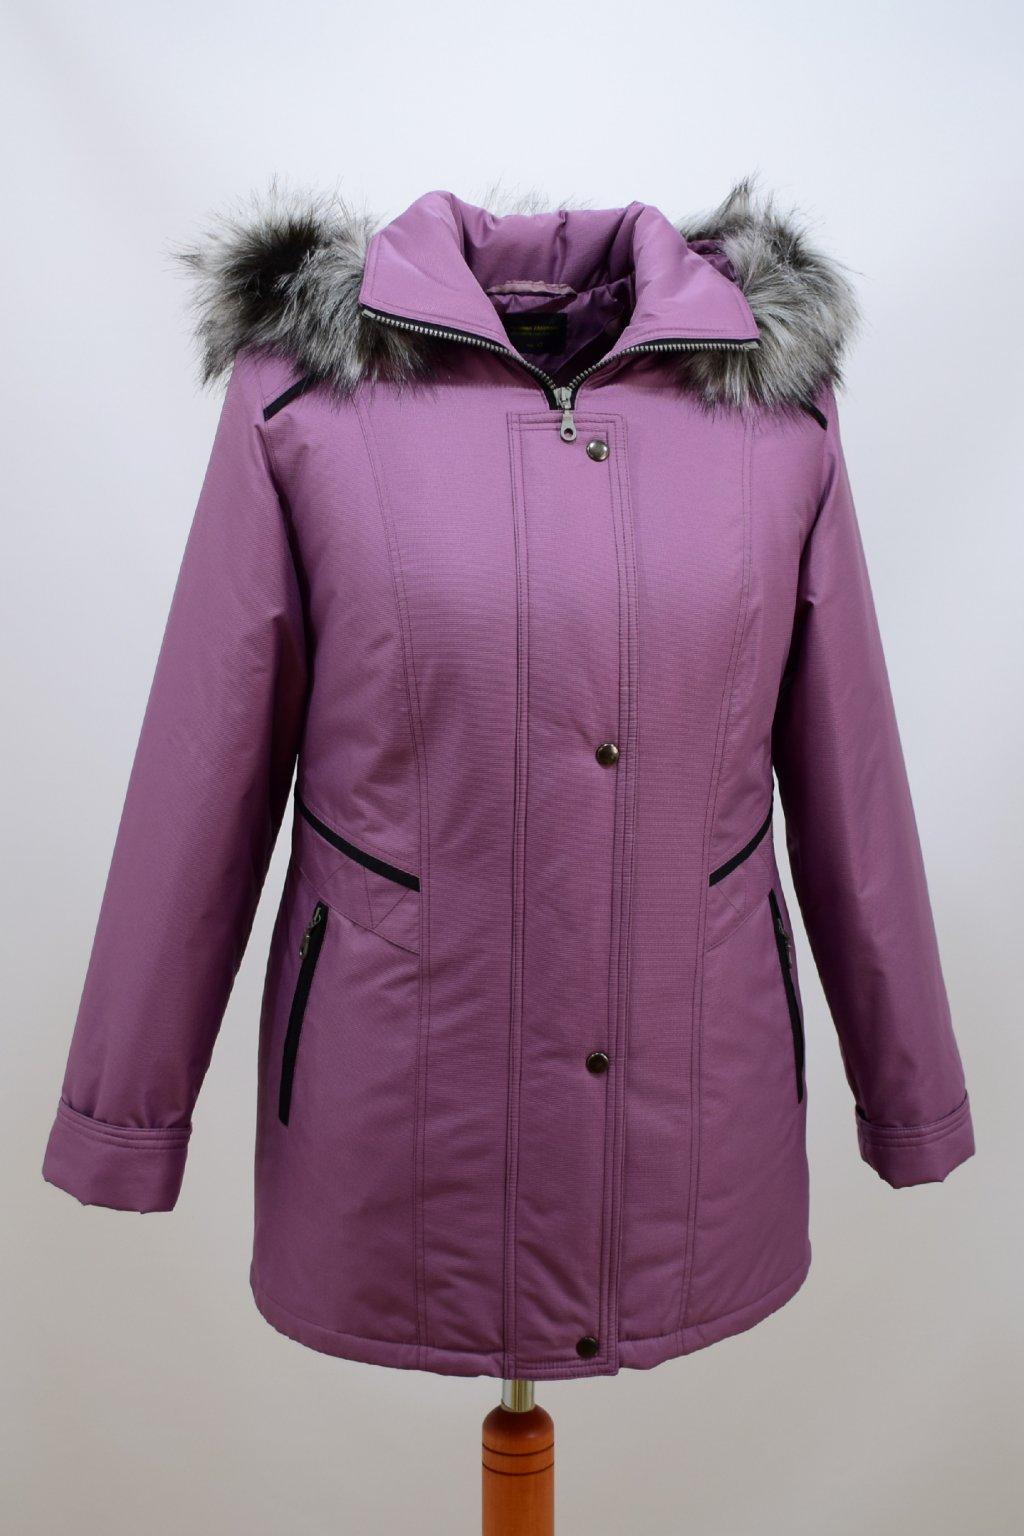 Dámská zimní bunda Jitka v barvě lila nadměrné velikosti